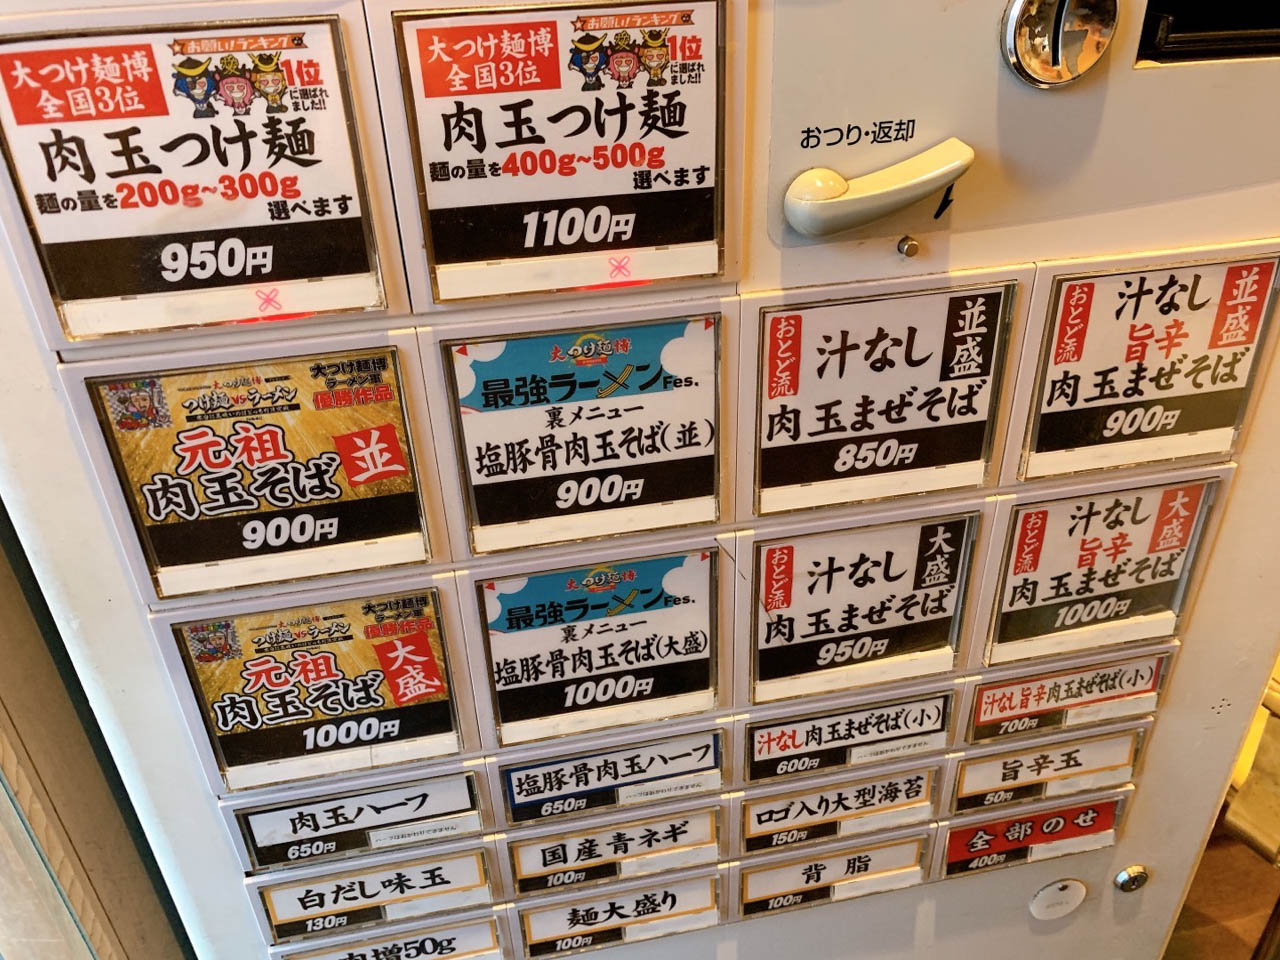 肉玉そば おとど 北松戸本店のメニュー